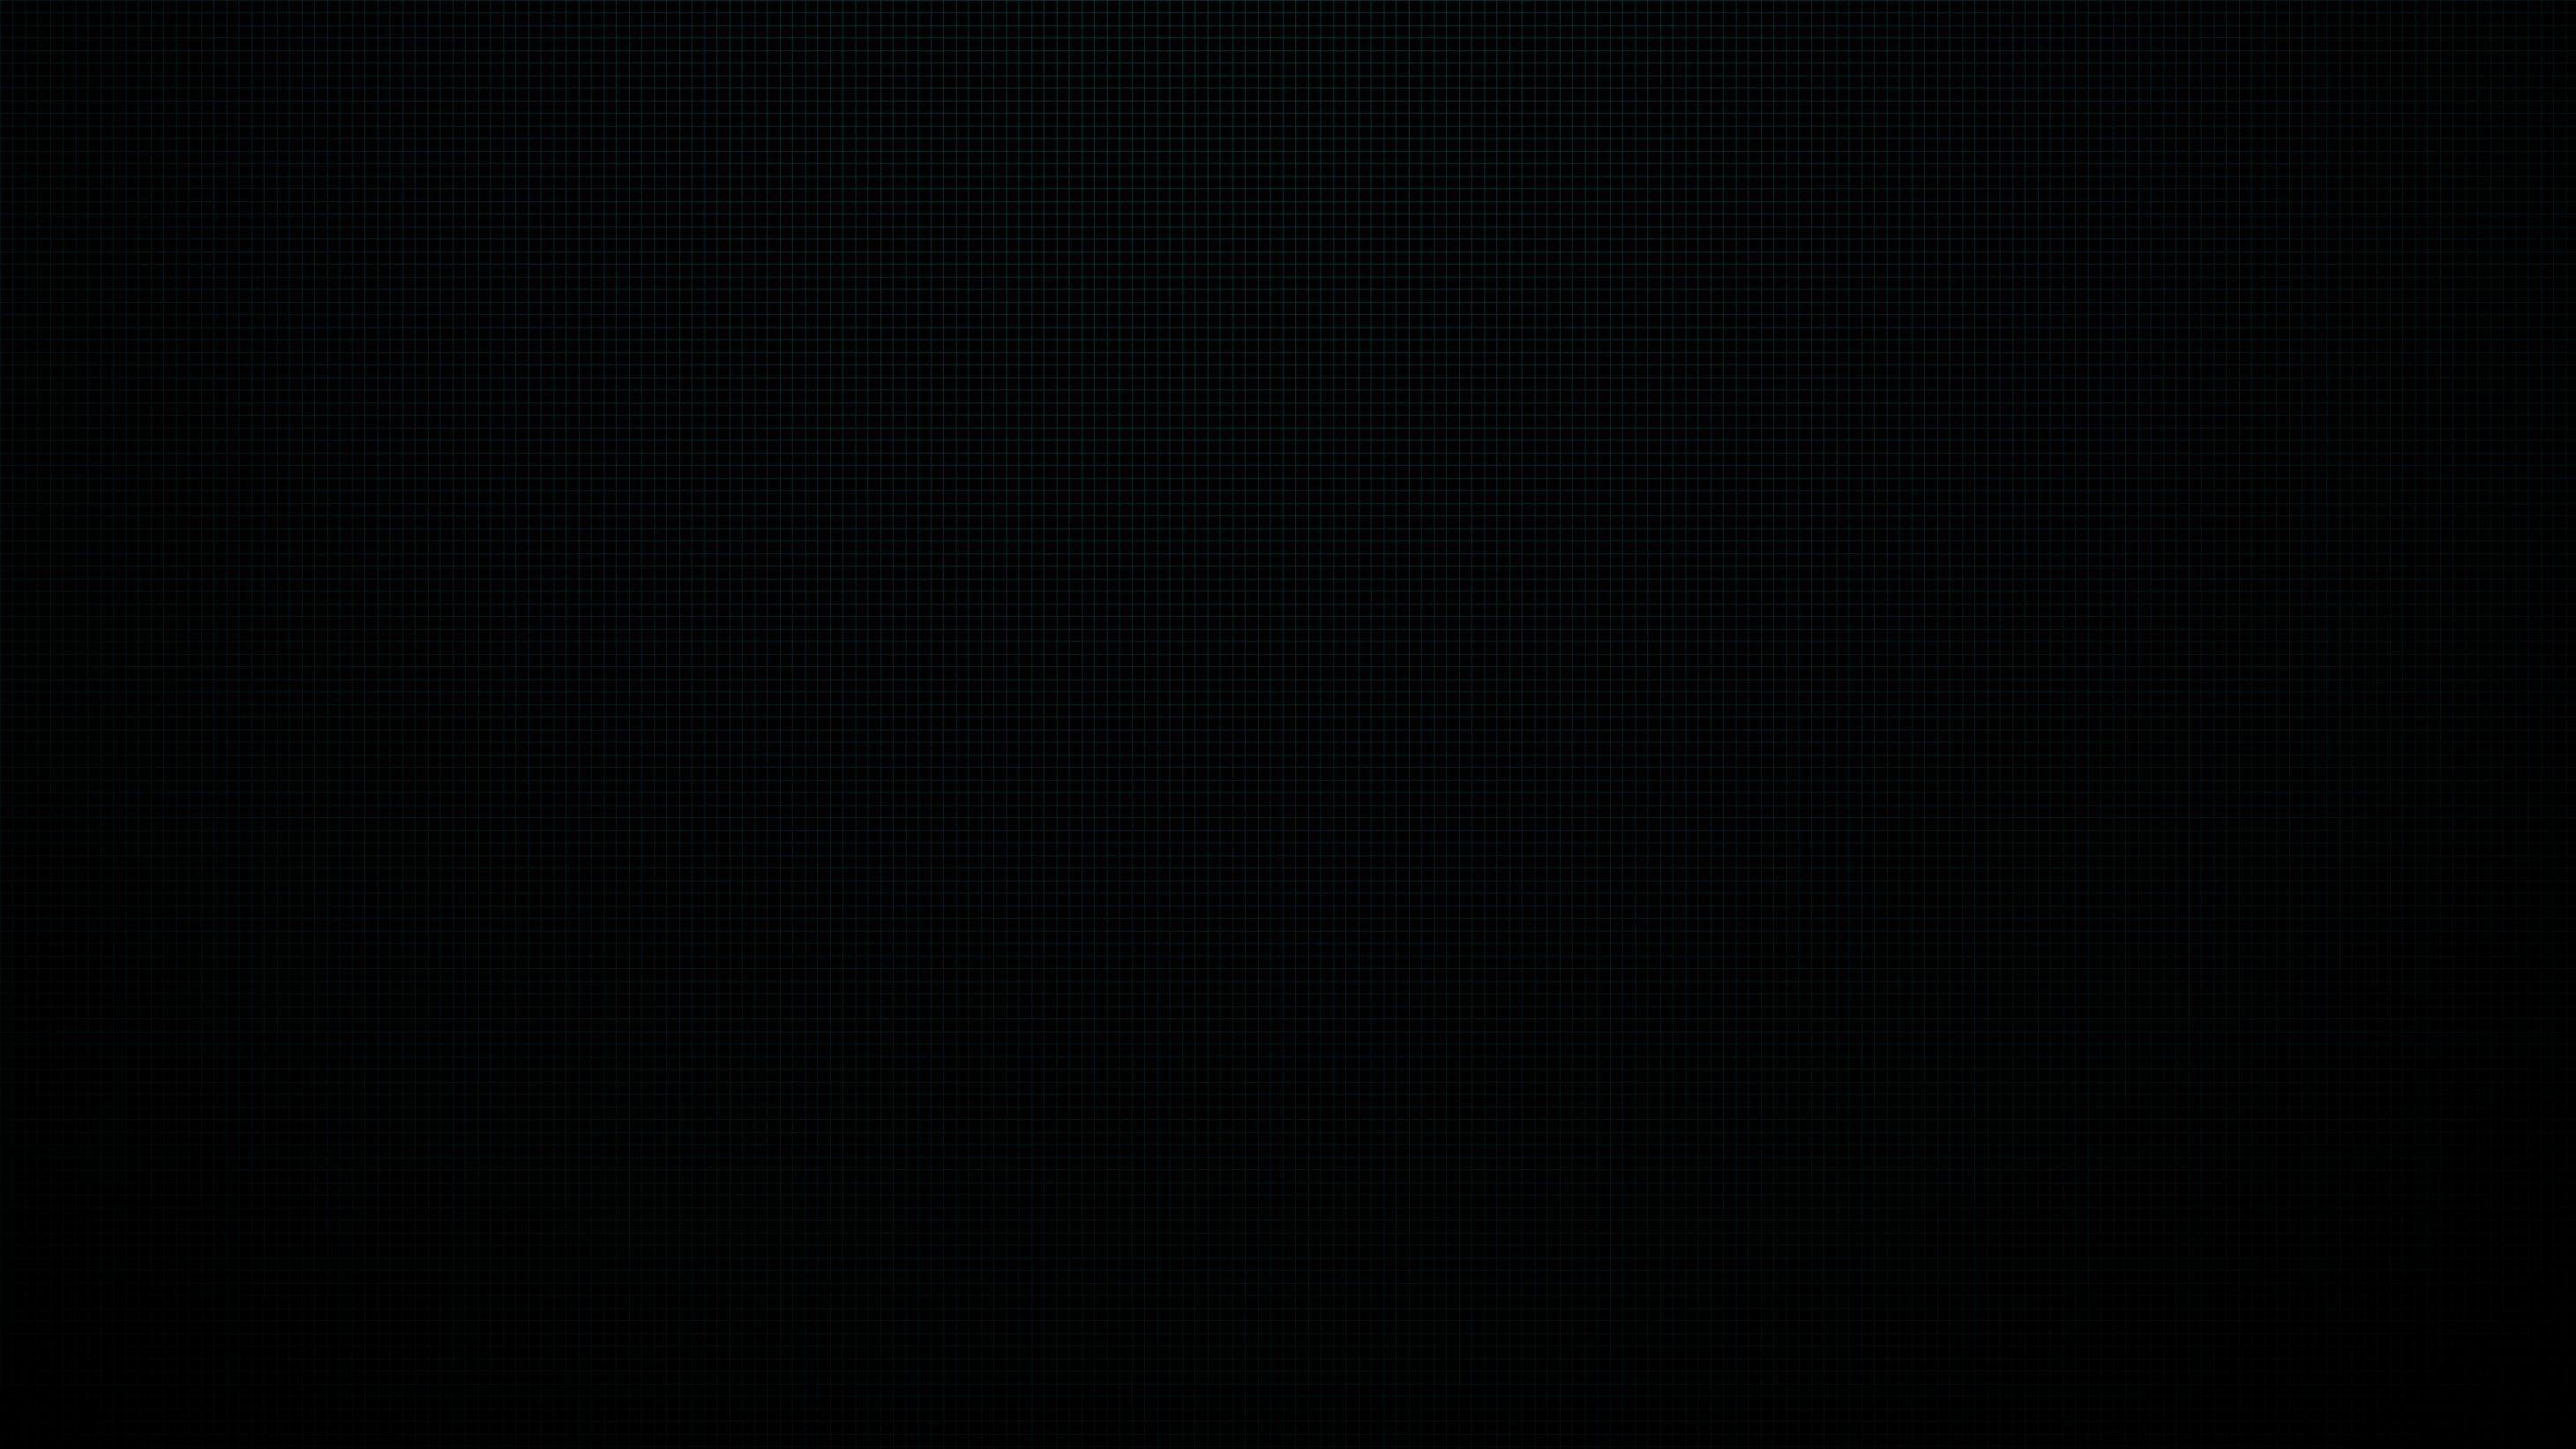 Desktop Background Just Black